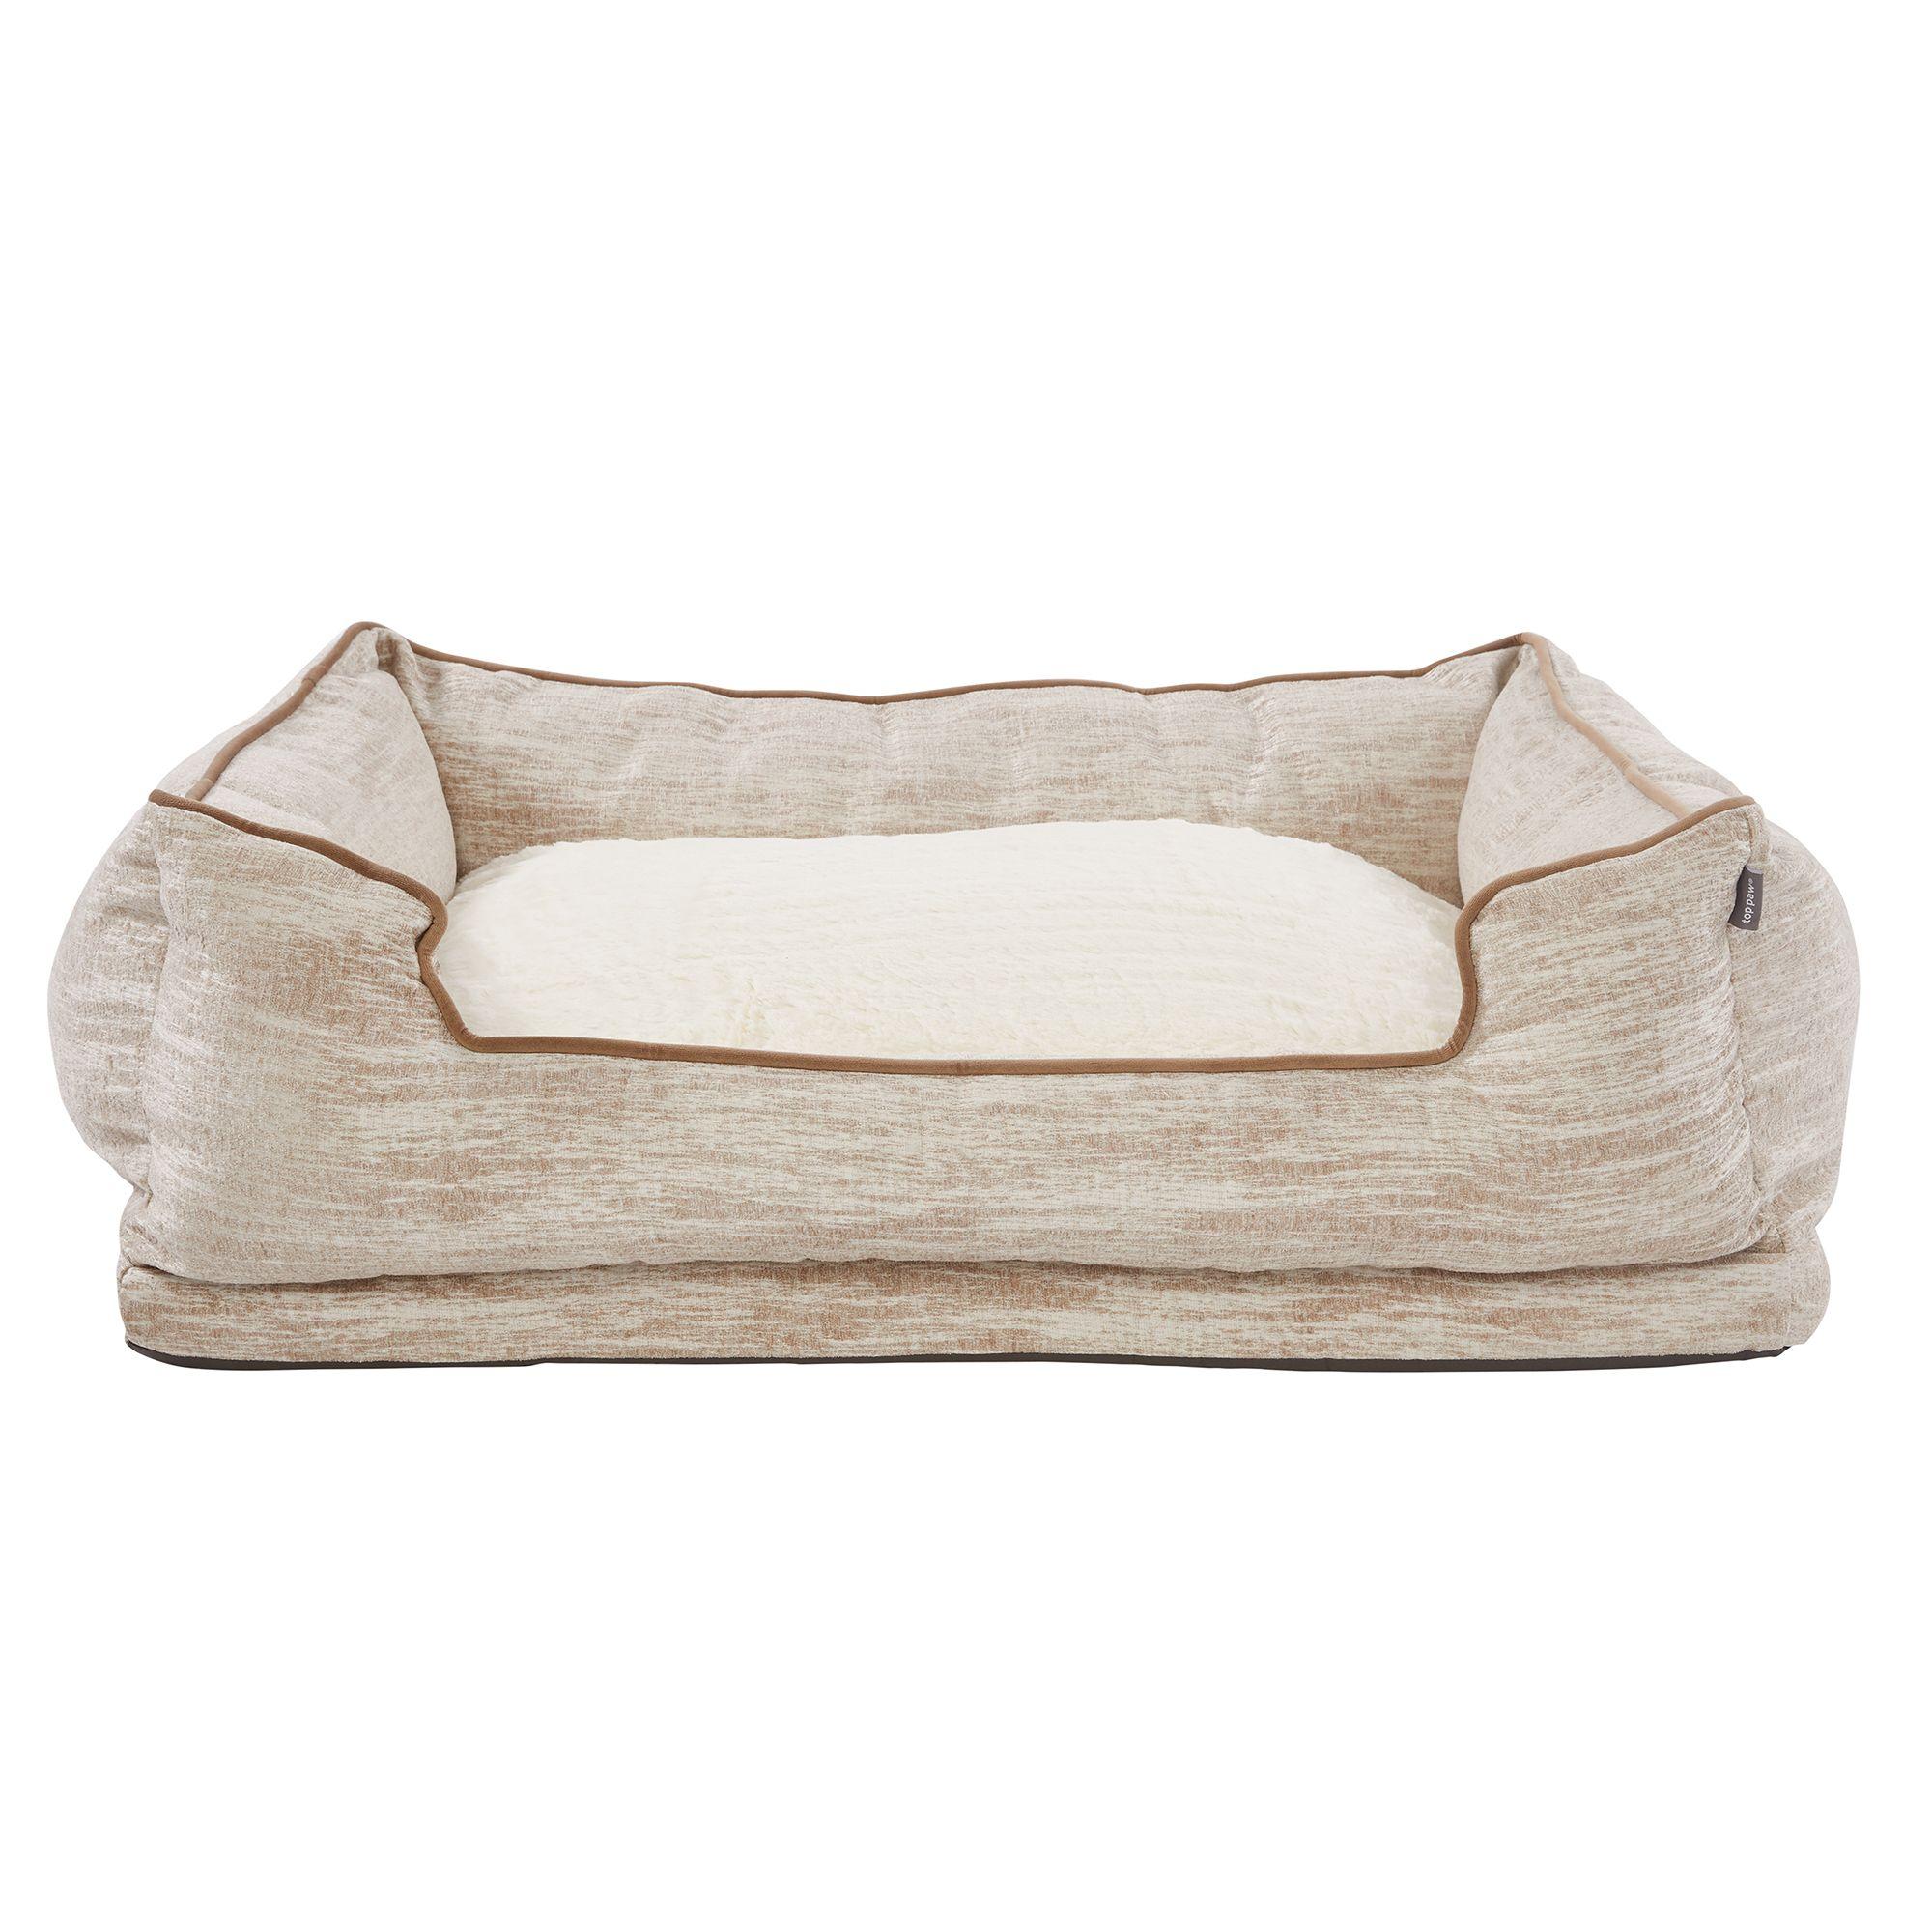 Cuddler Beds